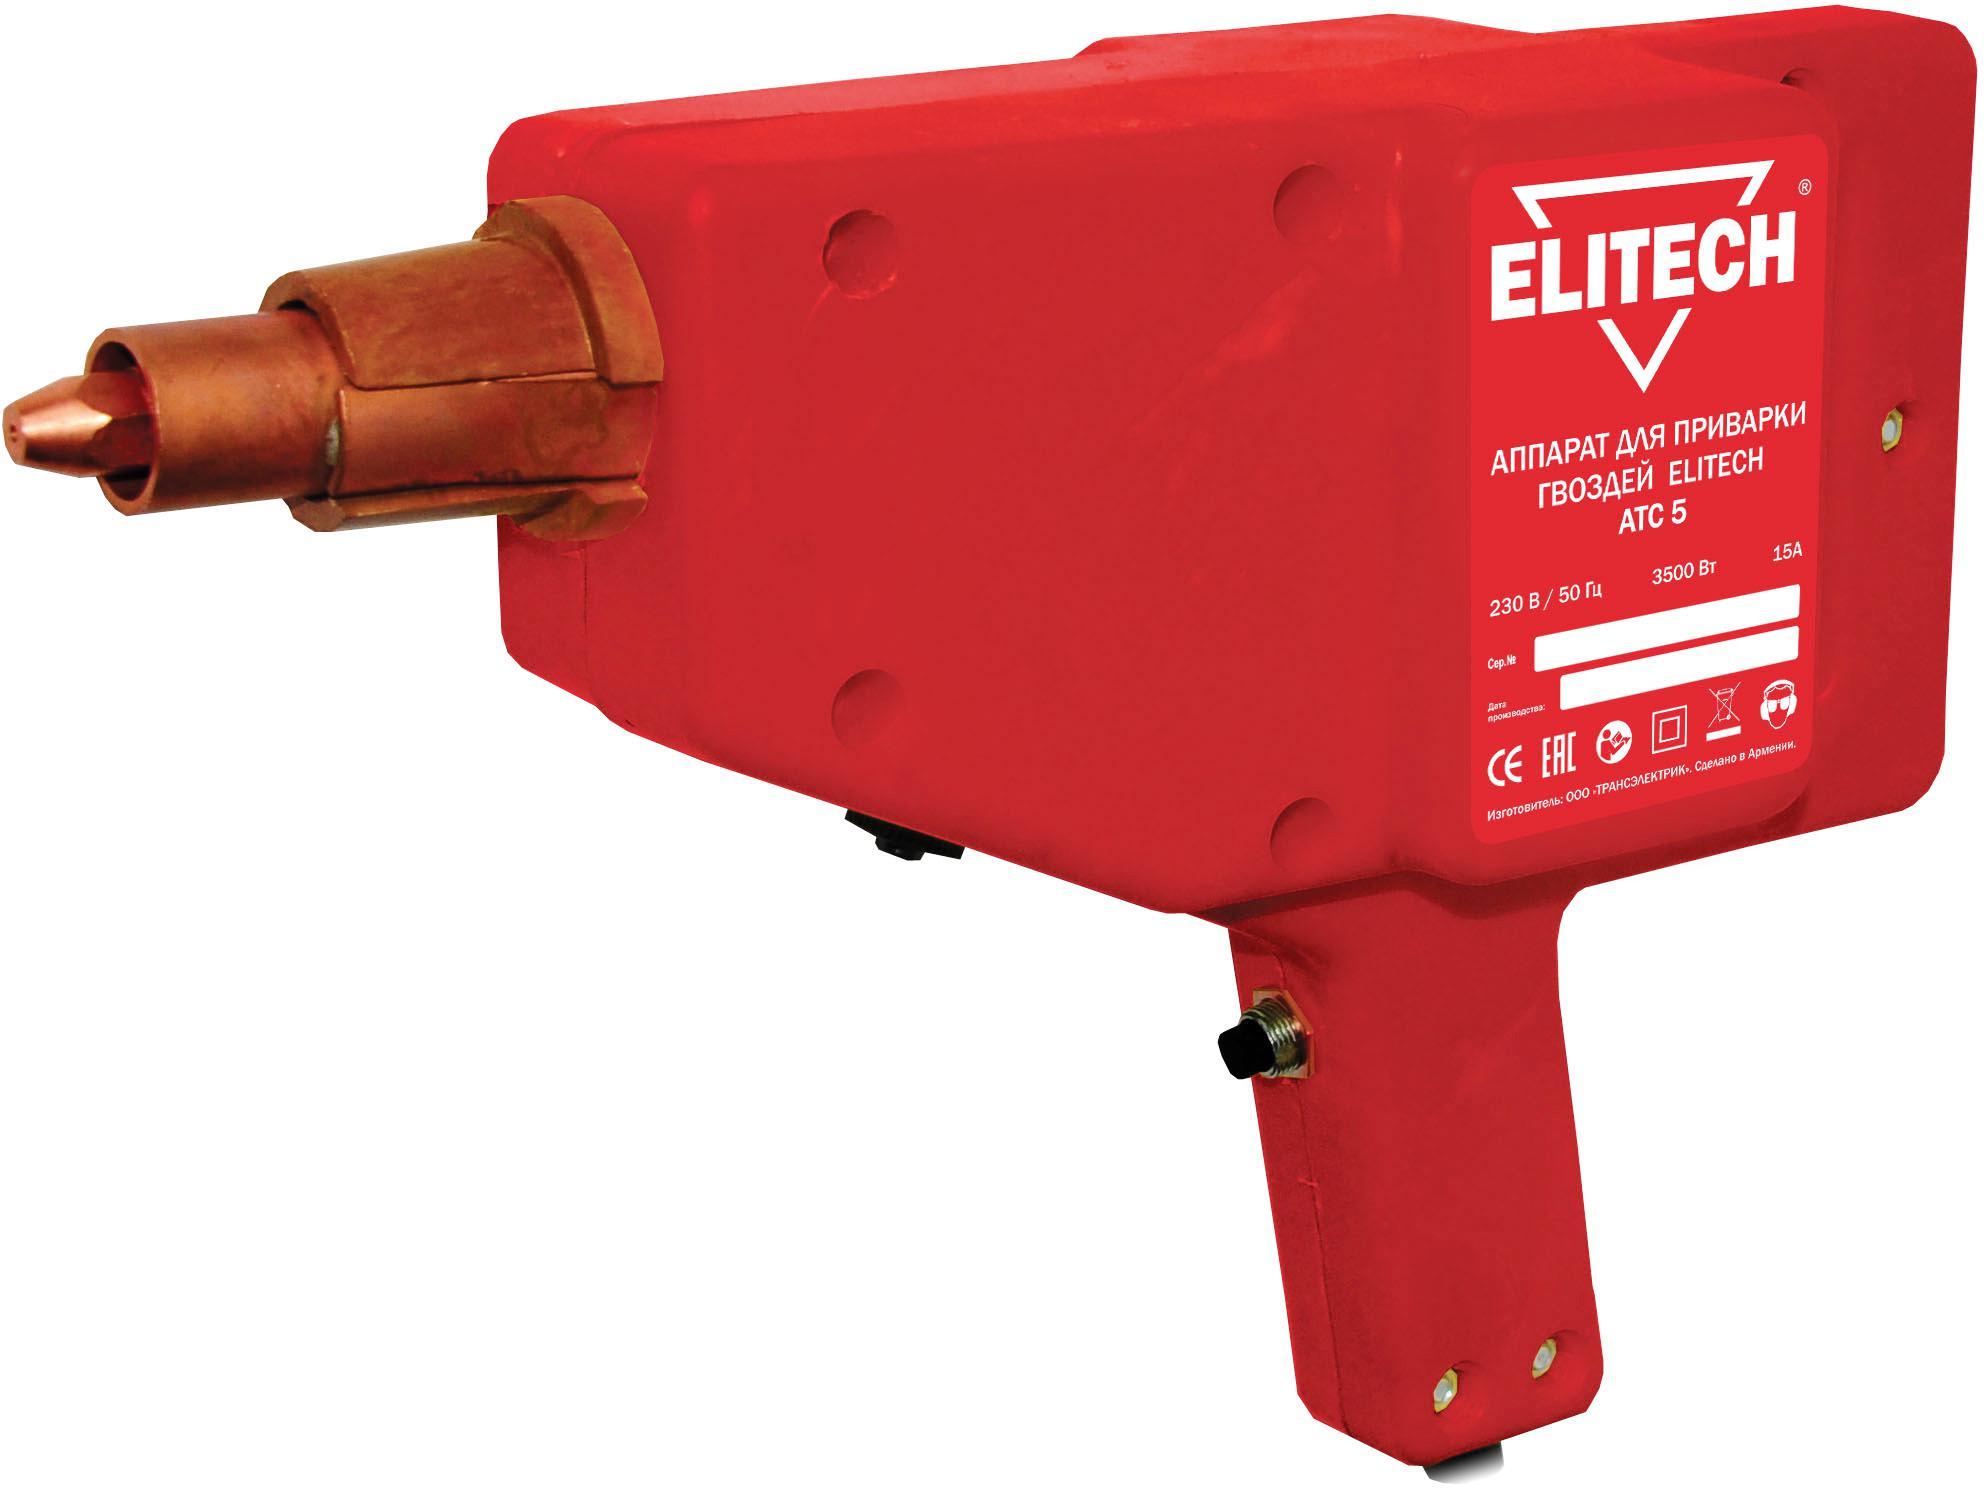 Сварочный аппарат Elitech АТС 5 (186268) атс